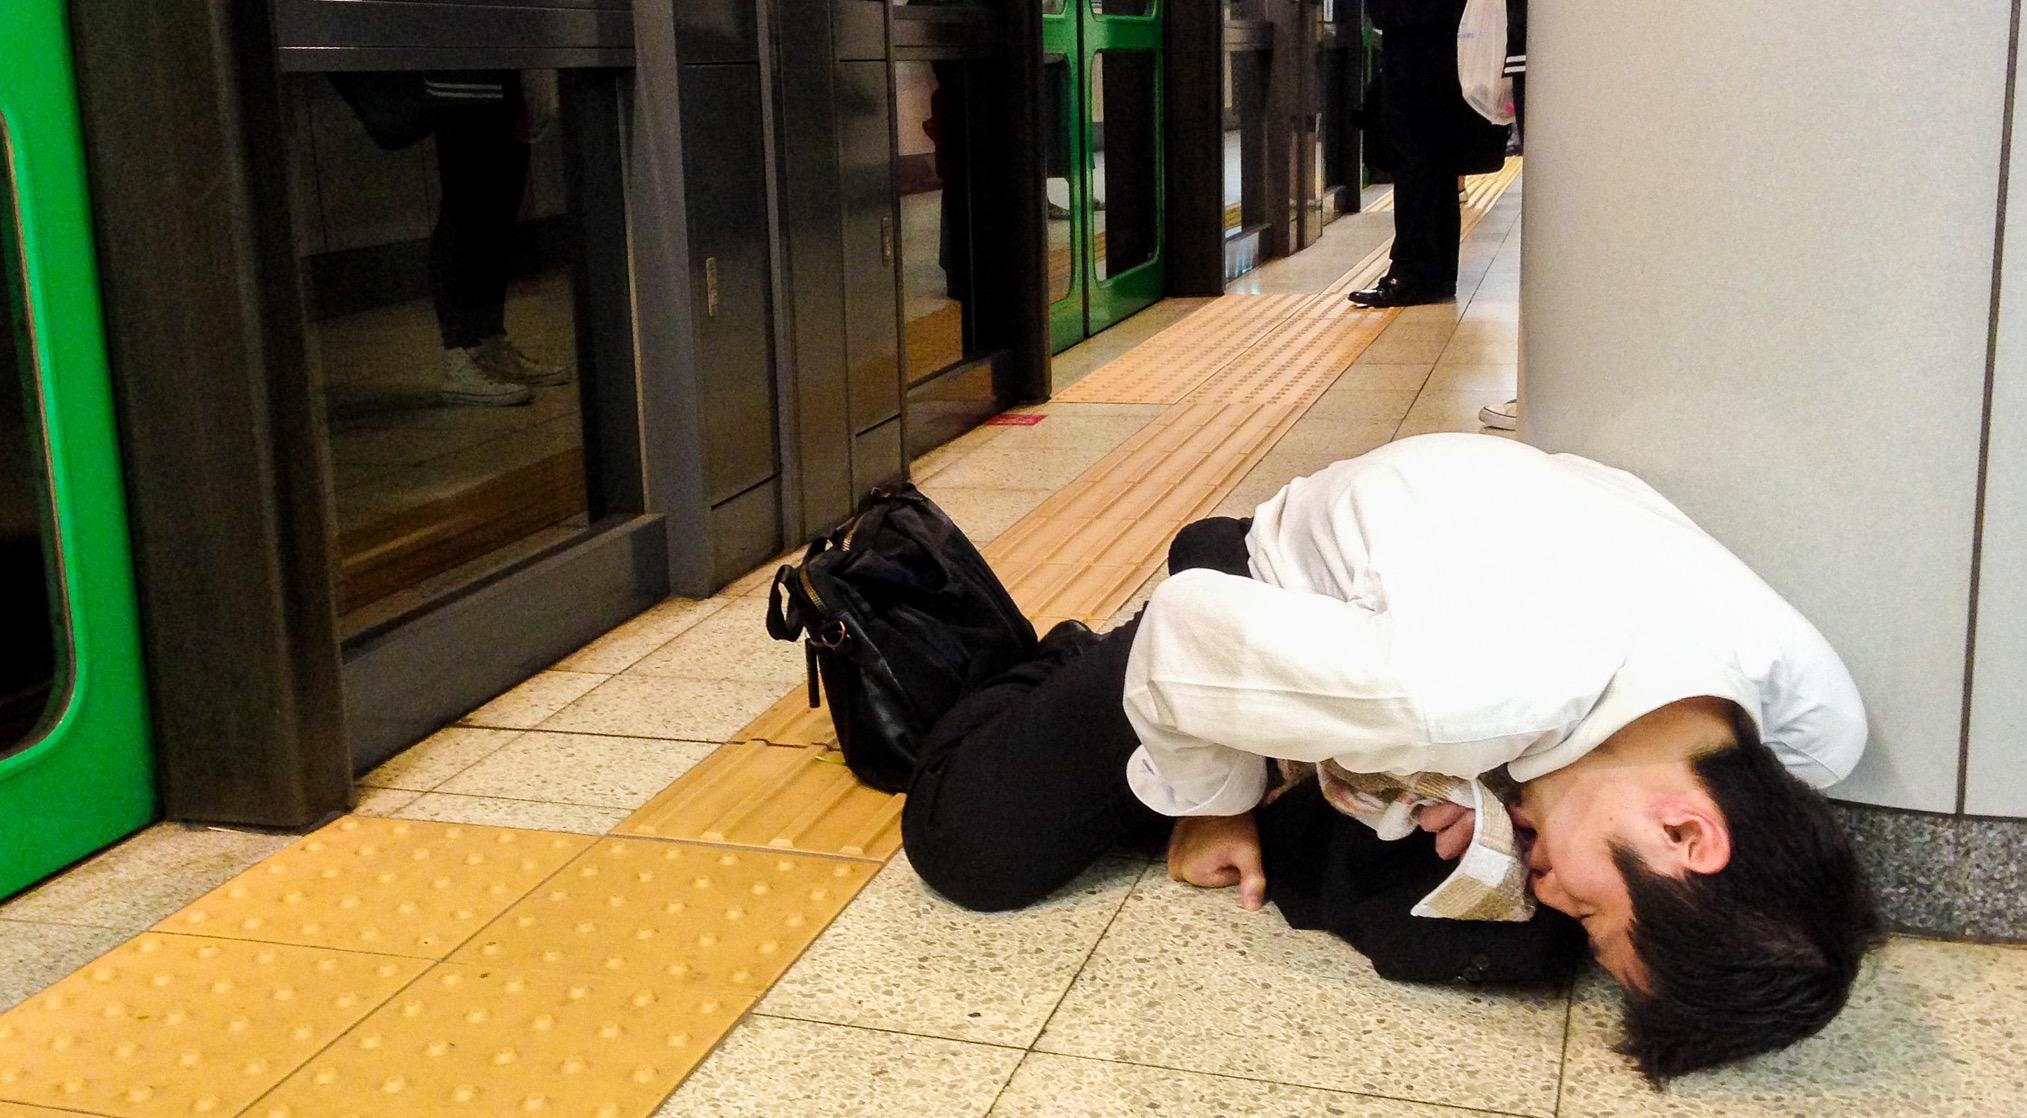 迷魂東京午夜,電車月台上醉倒的 OL 最後會怎樣?!